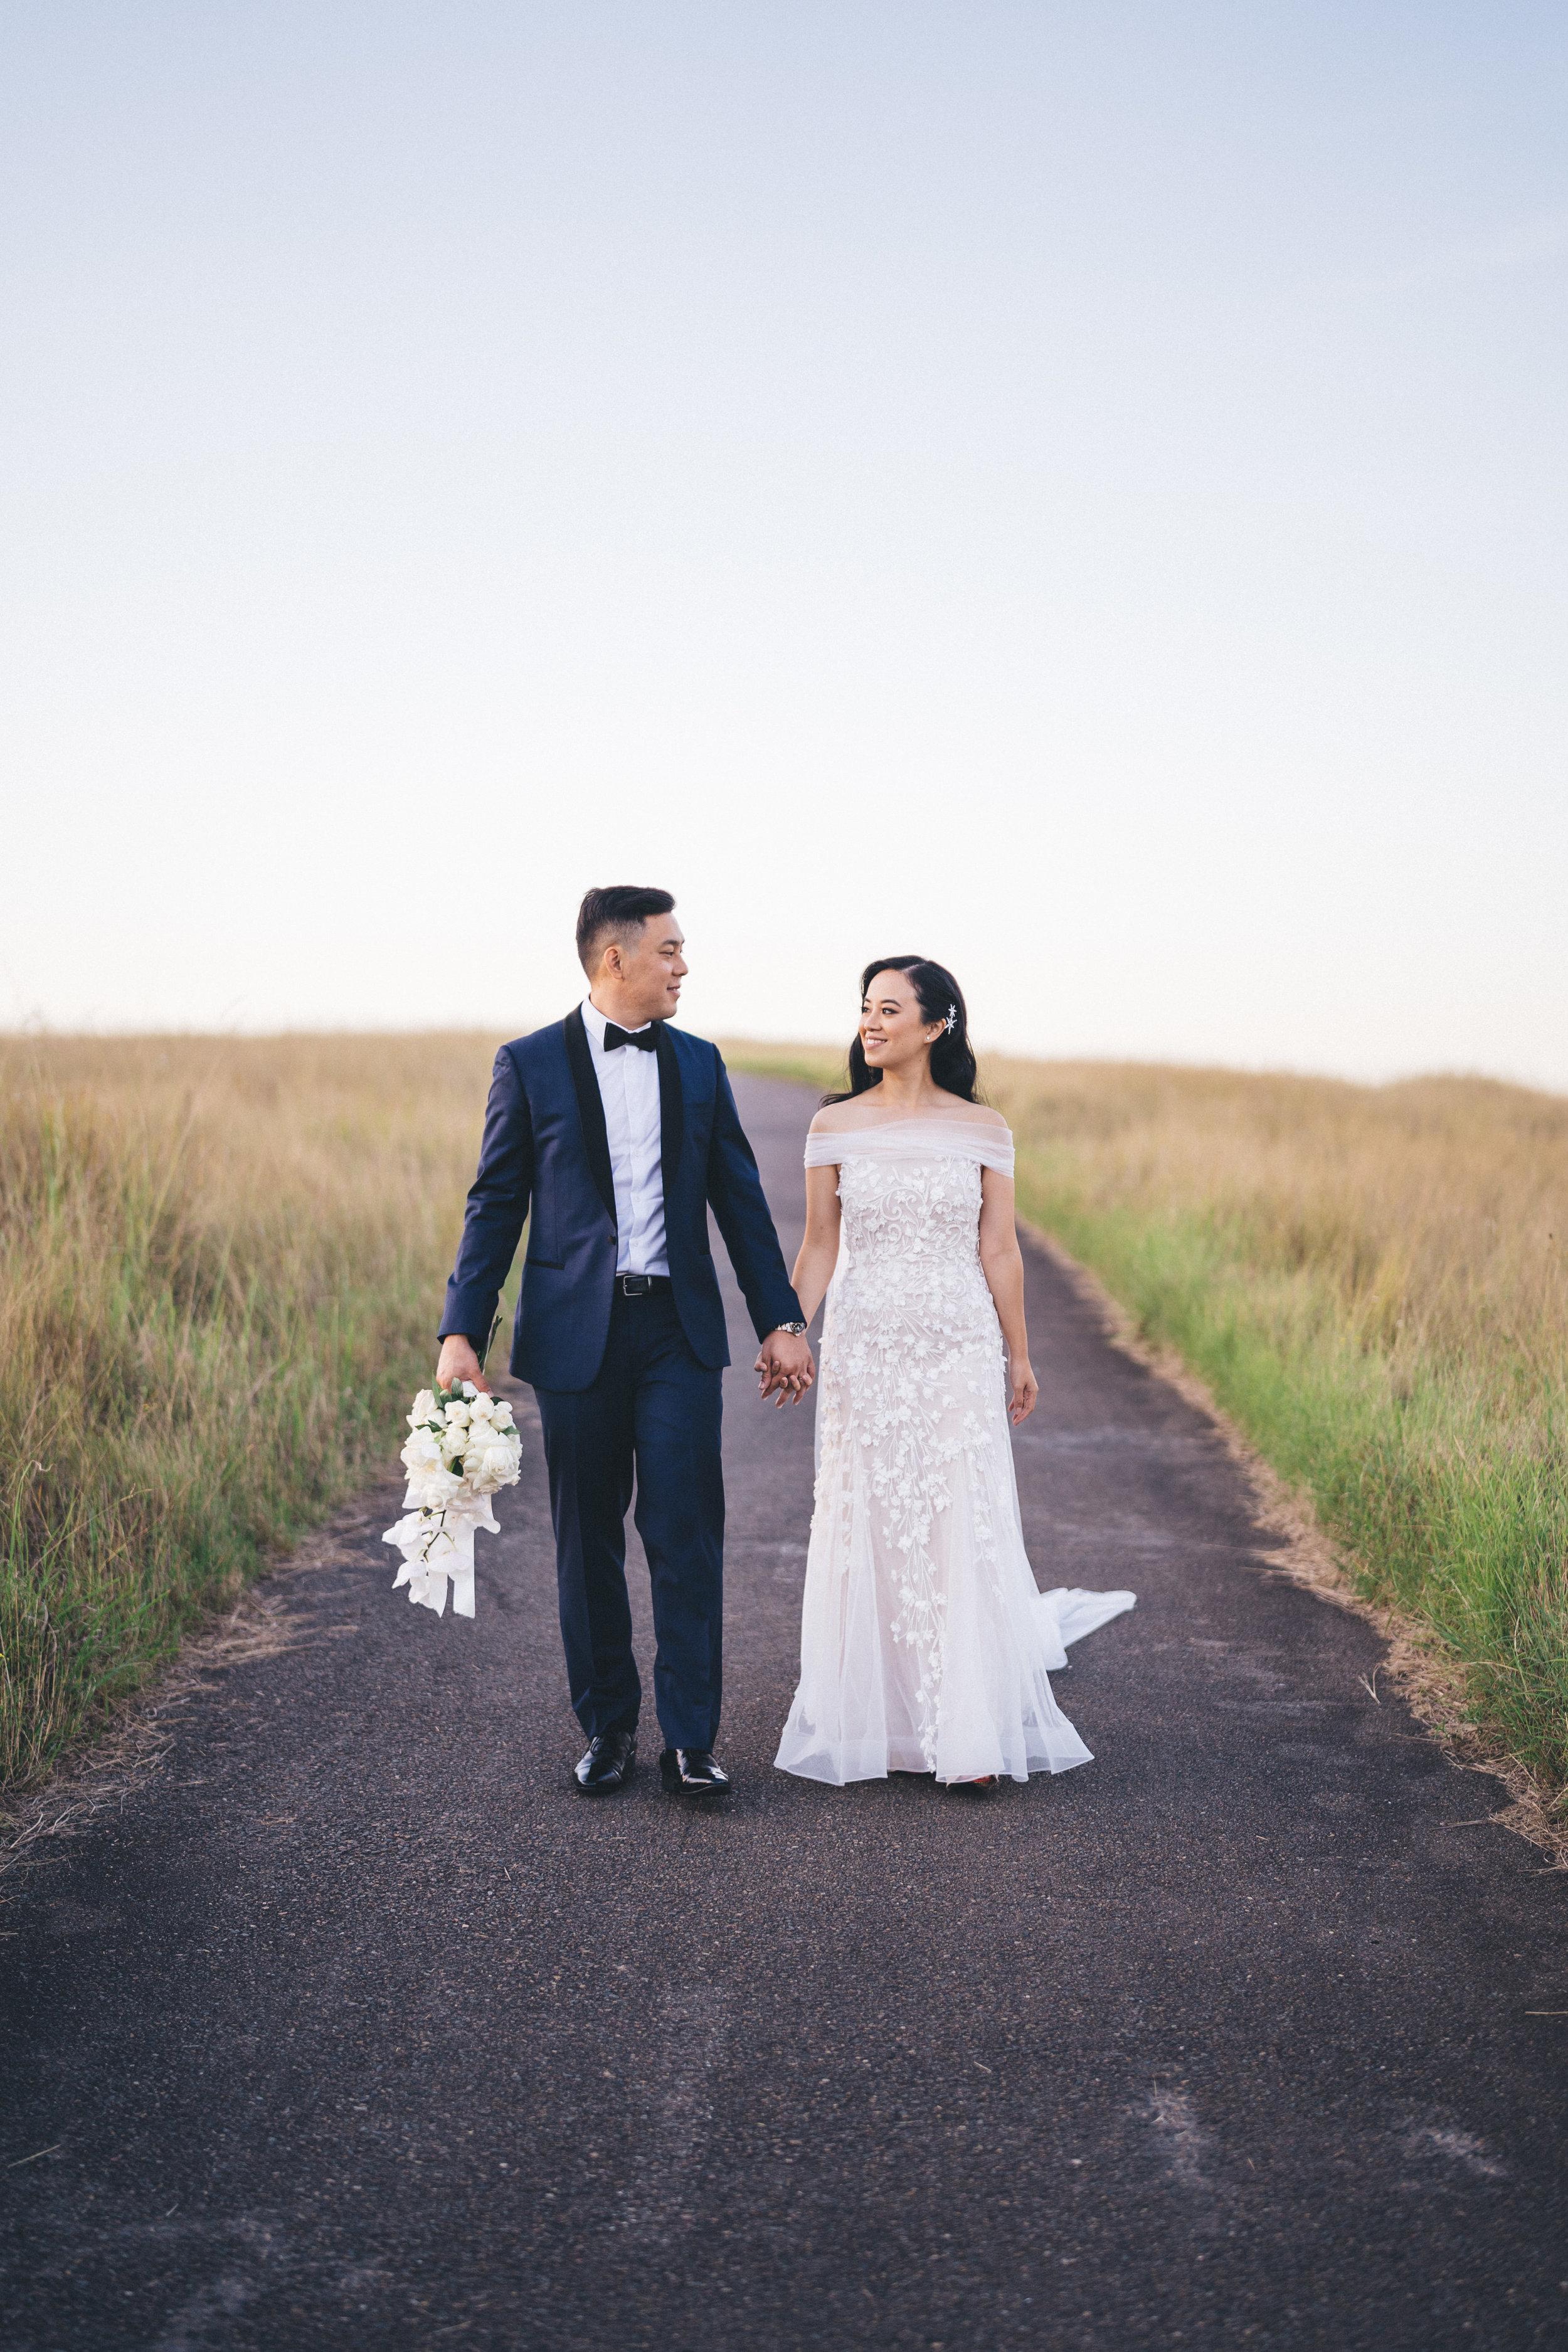 Annabelle-Phong-Wedding-HI-RES-0564.jpg